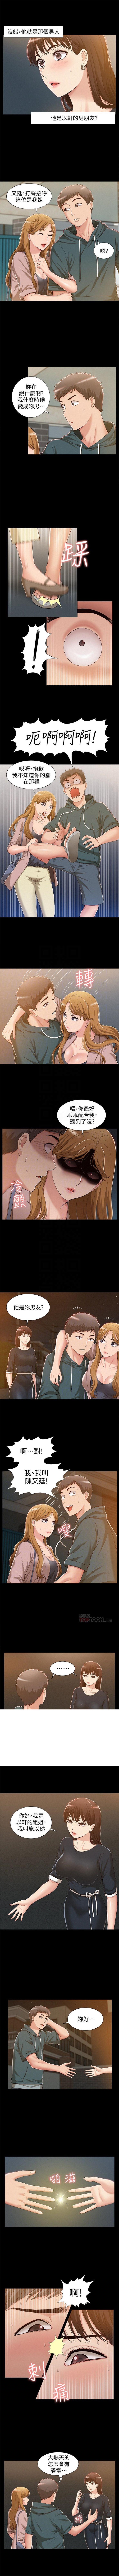 (周4)难言之隐 1-20 中文翻译(更新中) 45